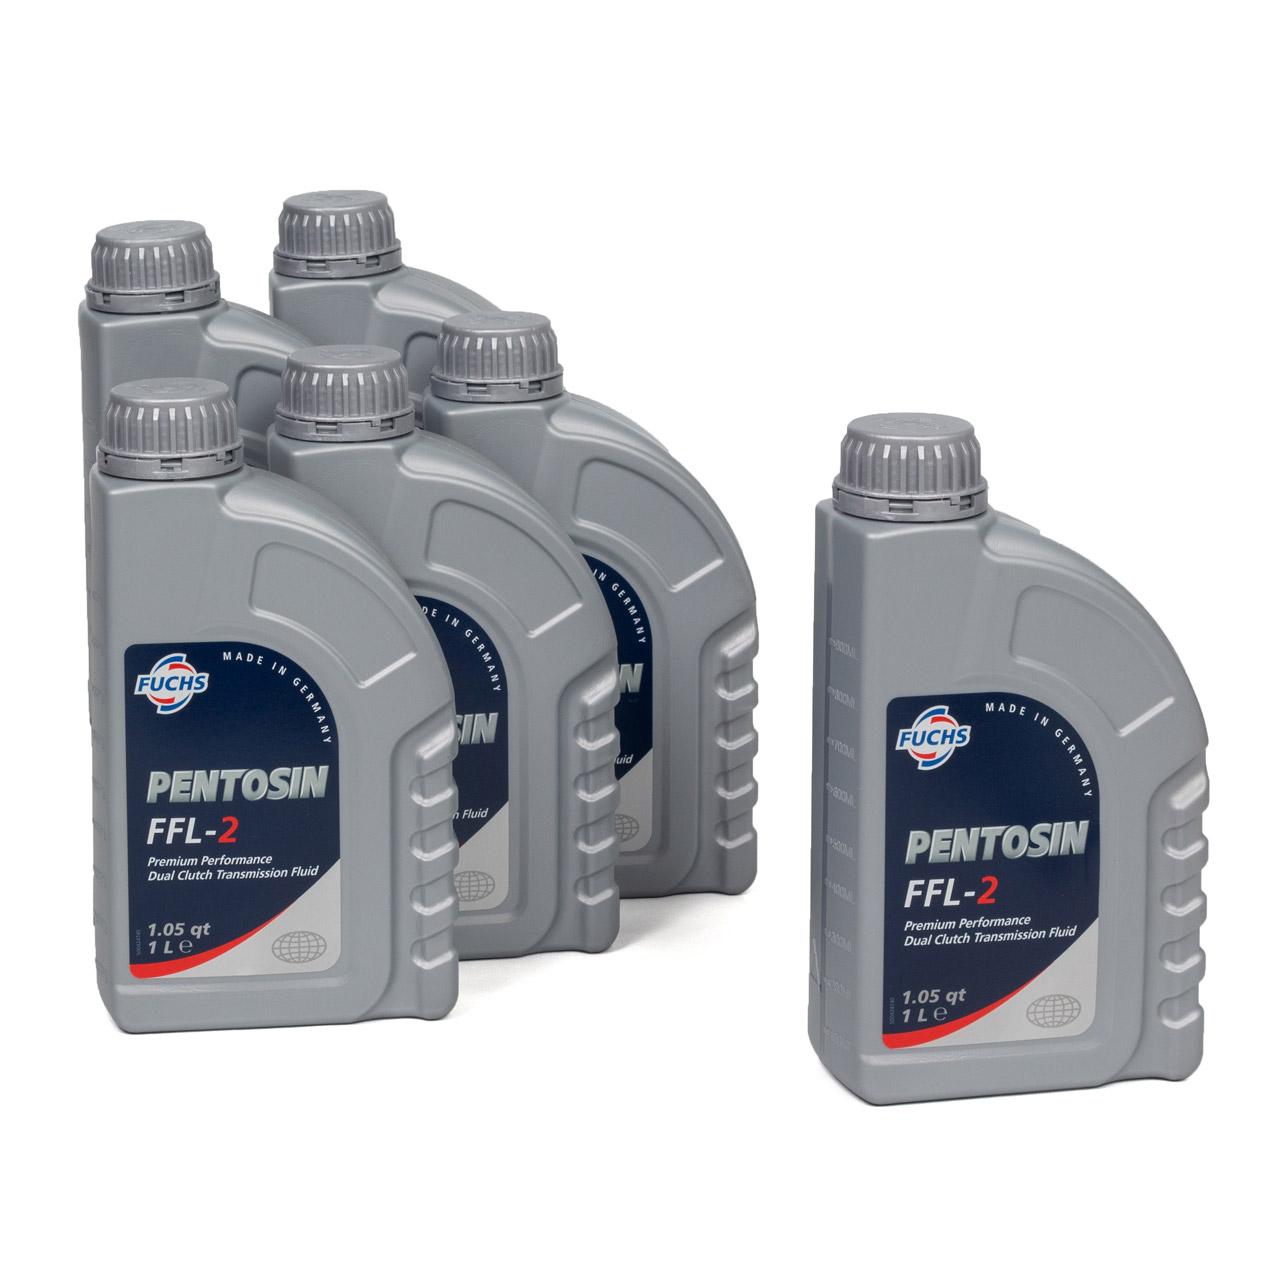 FUCHS Pentosin Getriebeöl Doppelkupplungsgetriebe 6-&7-Gang DSG FFL-2 - 6 Liter